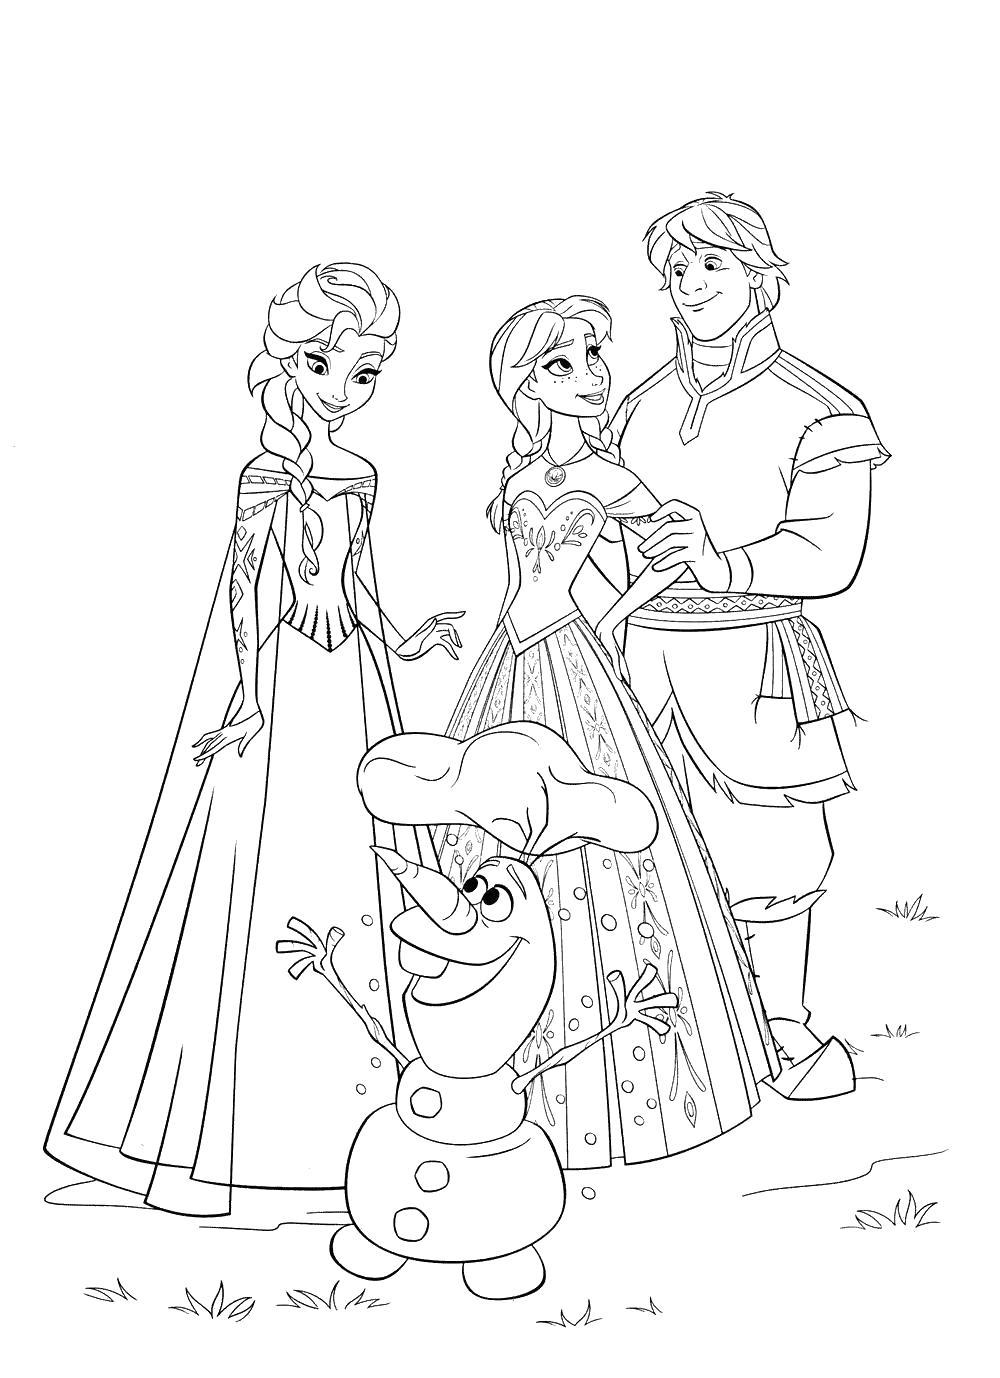 Олиф, ельза, анна, кристофер Раскраски для девочек бесплатно